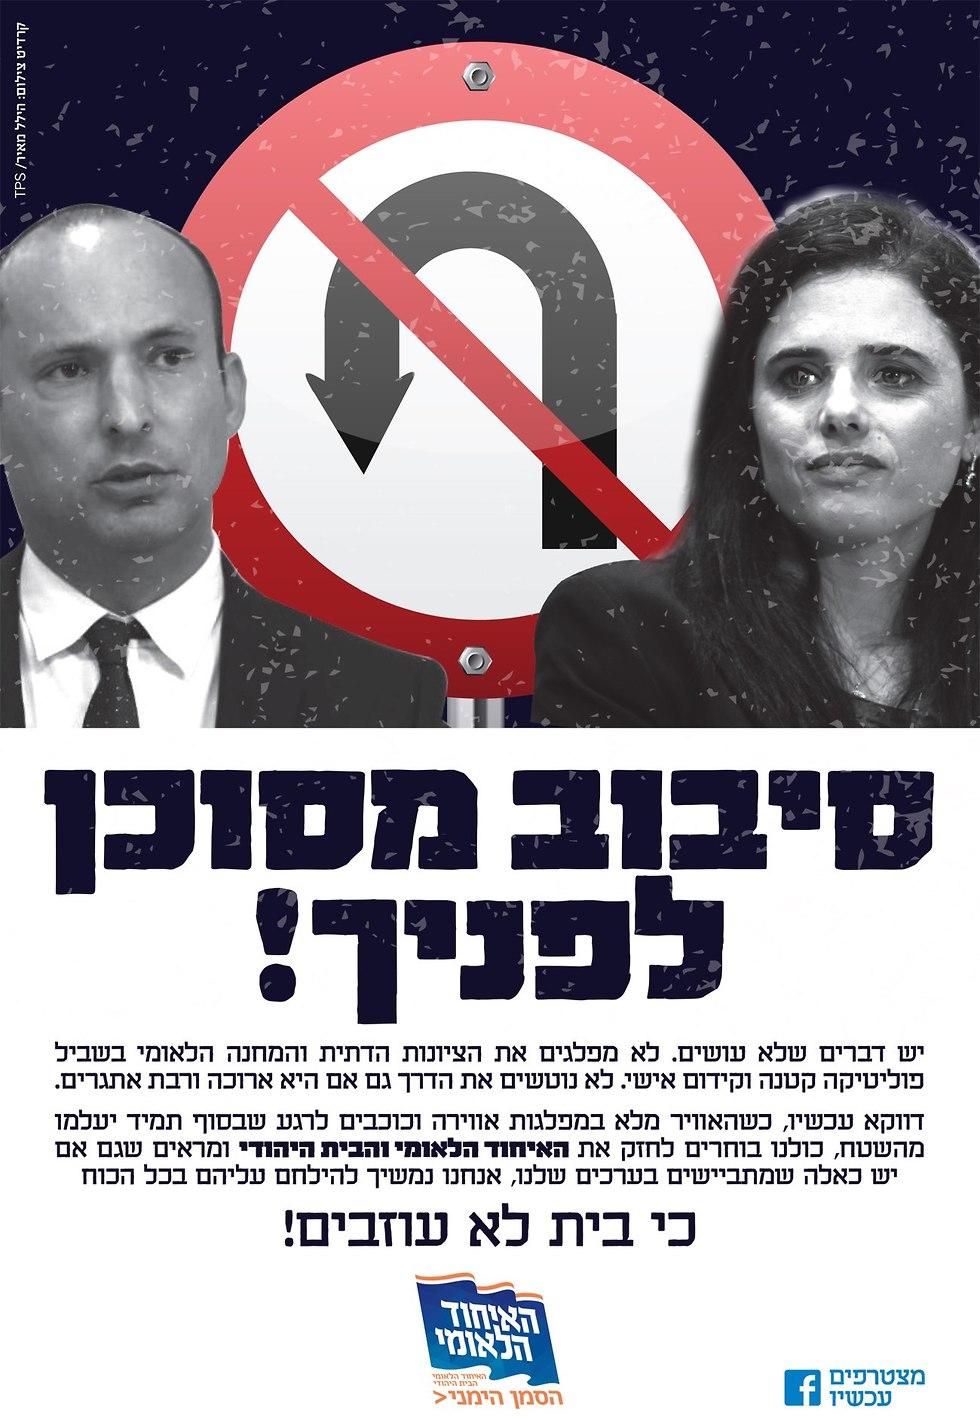 כרזה של הבית היהודי נגד נפתלי בנט ואיילת שקד שעזבו את המפלגה (צילום: רויטרס)